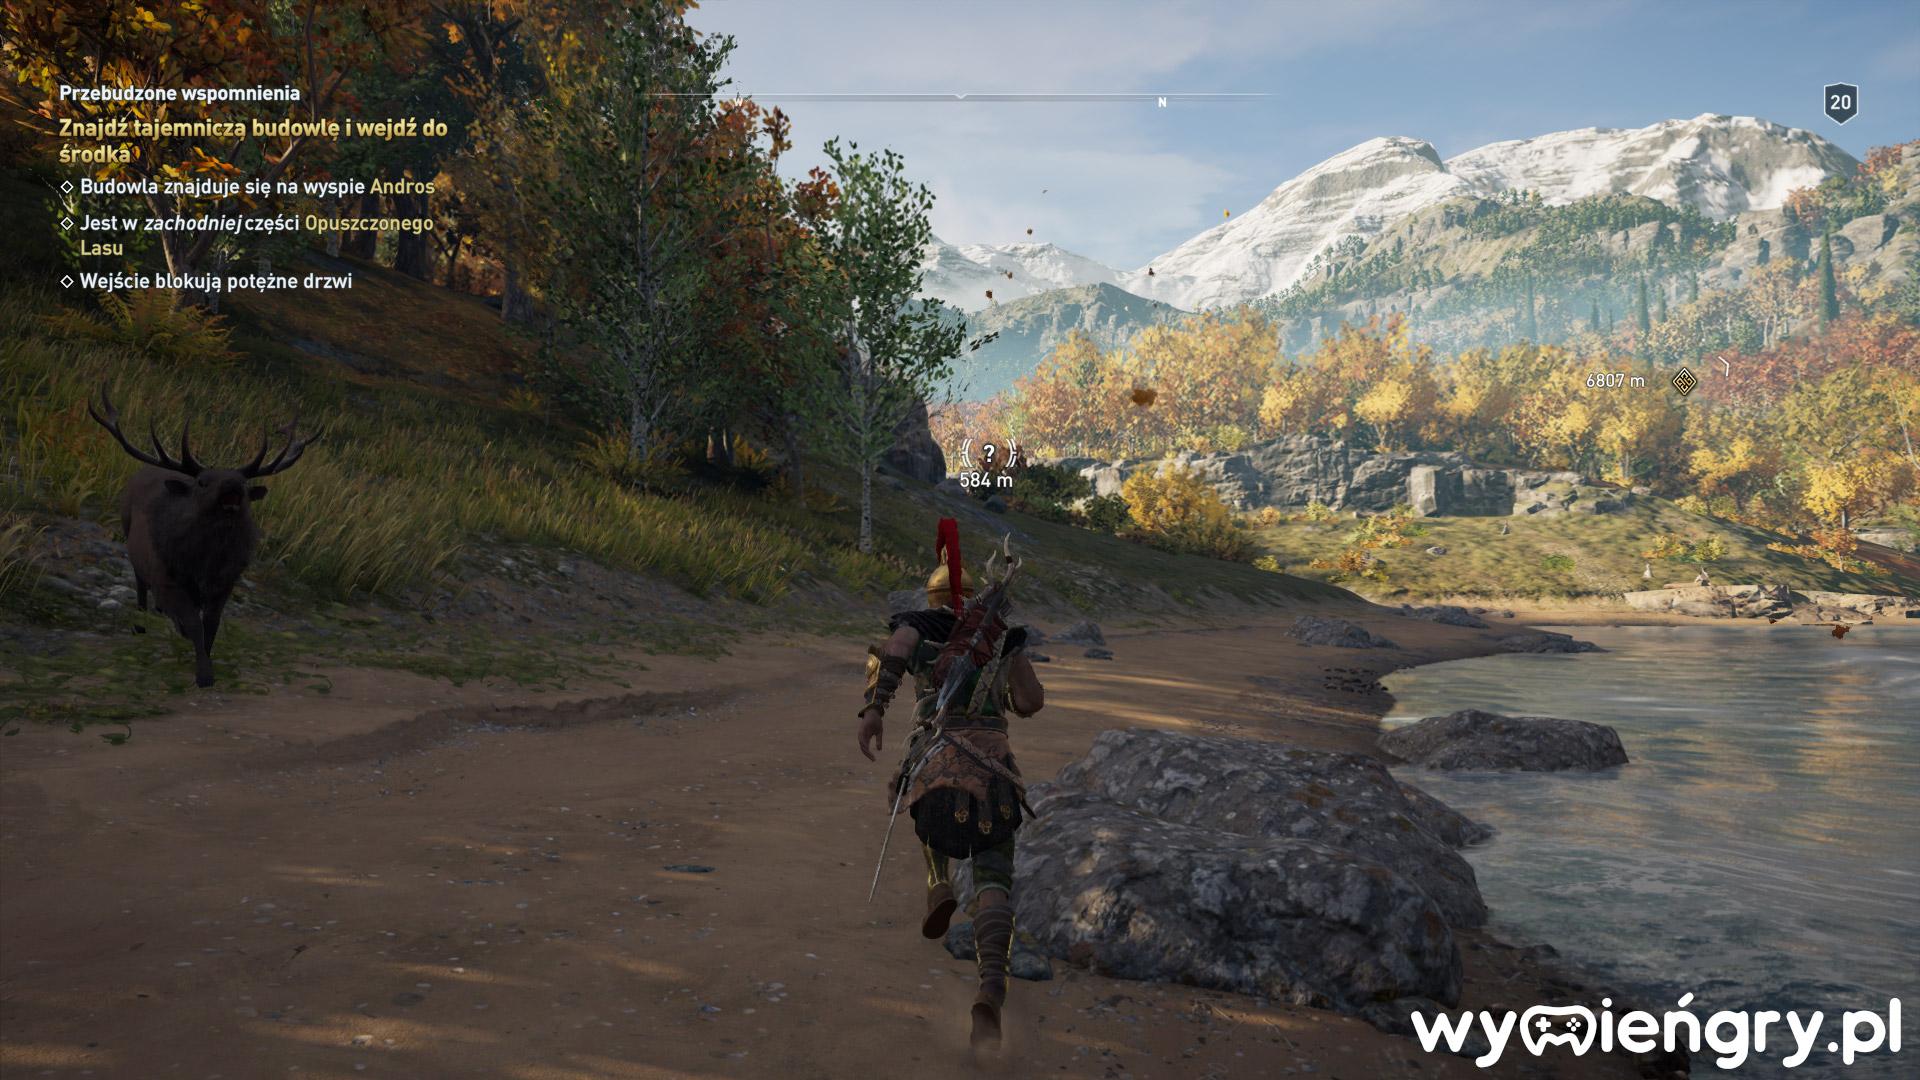 Co w nowych grach jest nie tak? Assasins Creed Odyssey